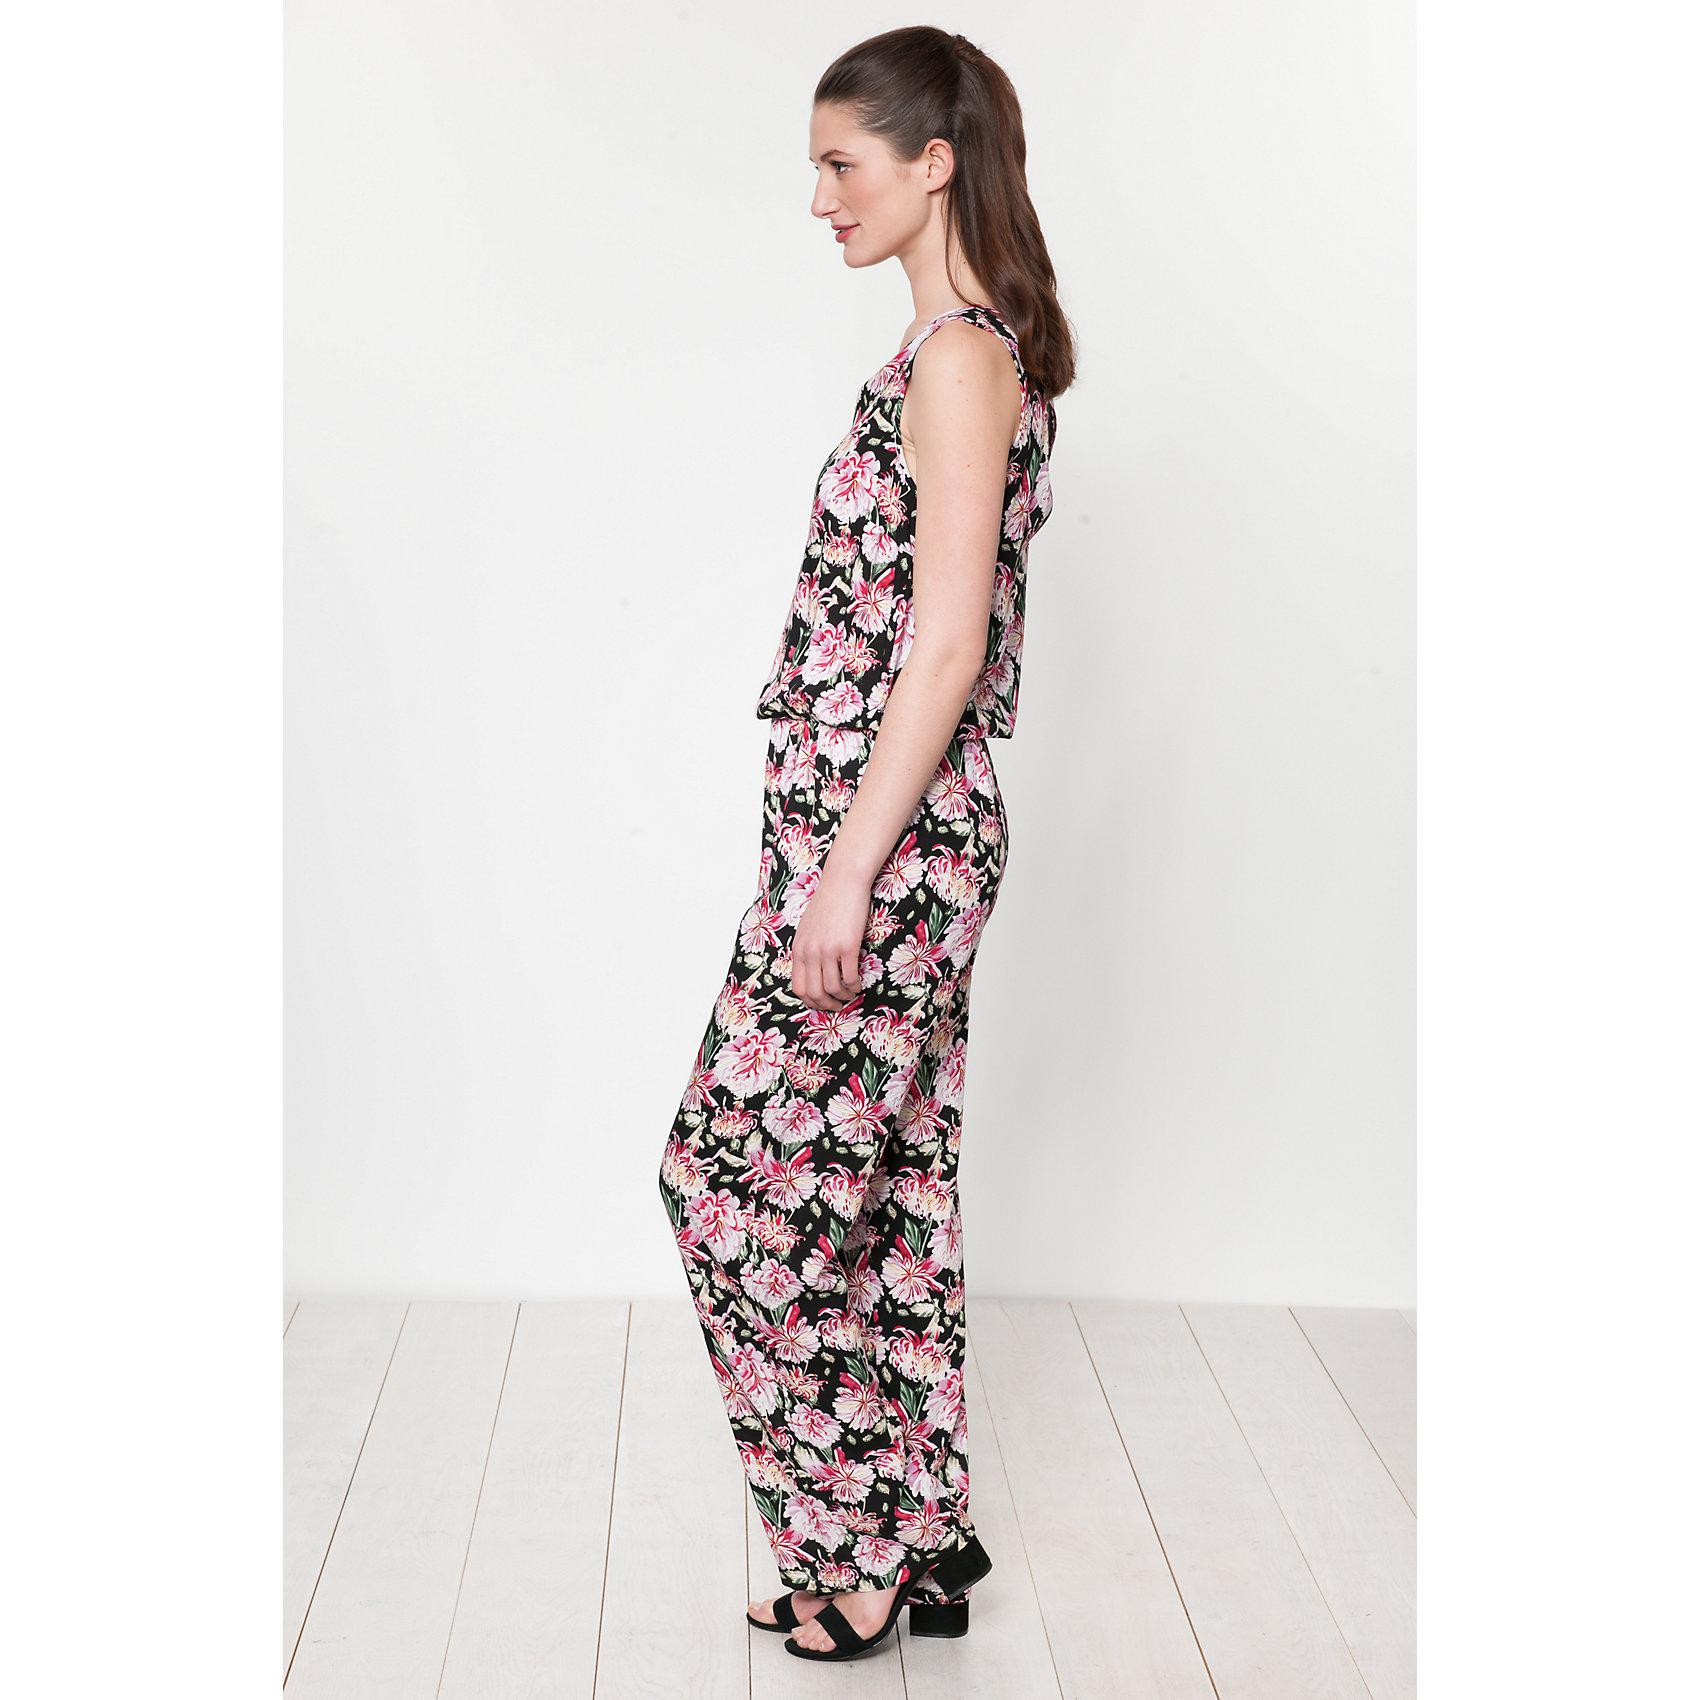 Neu-Jacqueline-de-Yong-Jumpsuit-7976680-fuer-Damen-schwarz-schwarz-pink